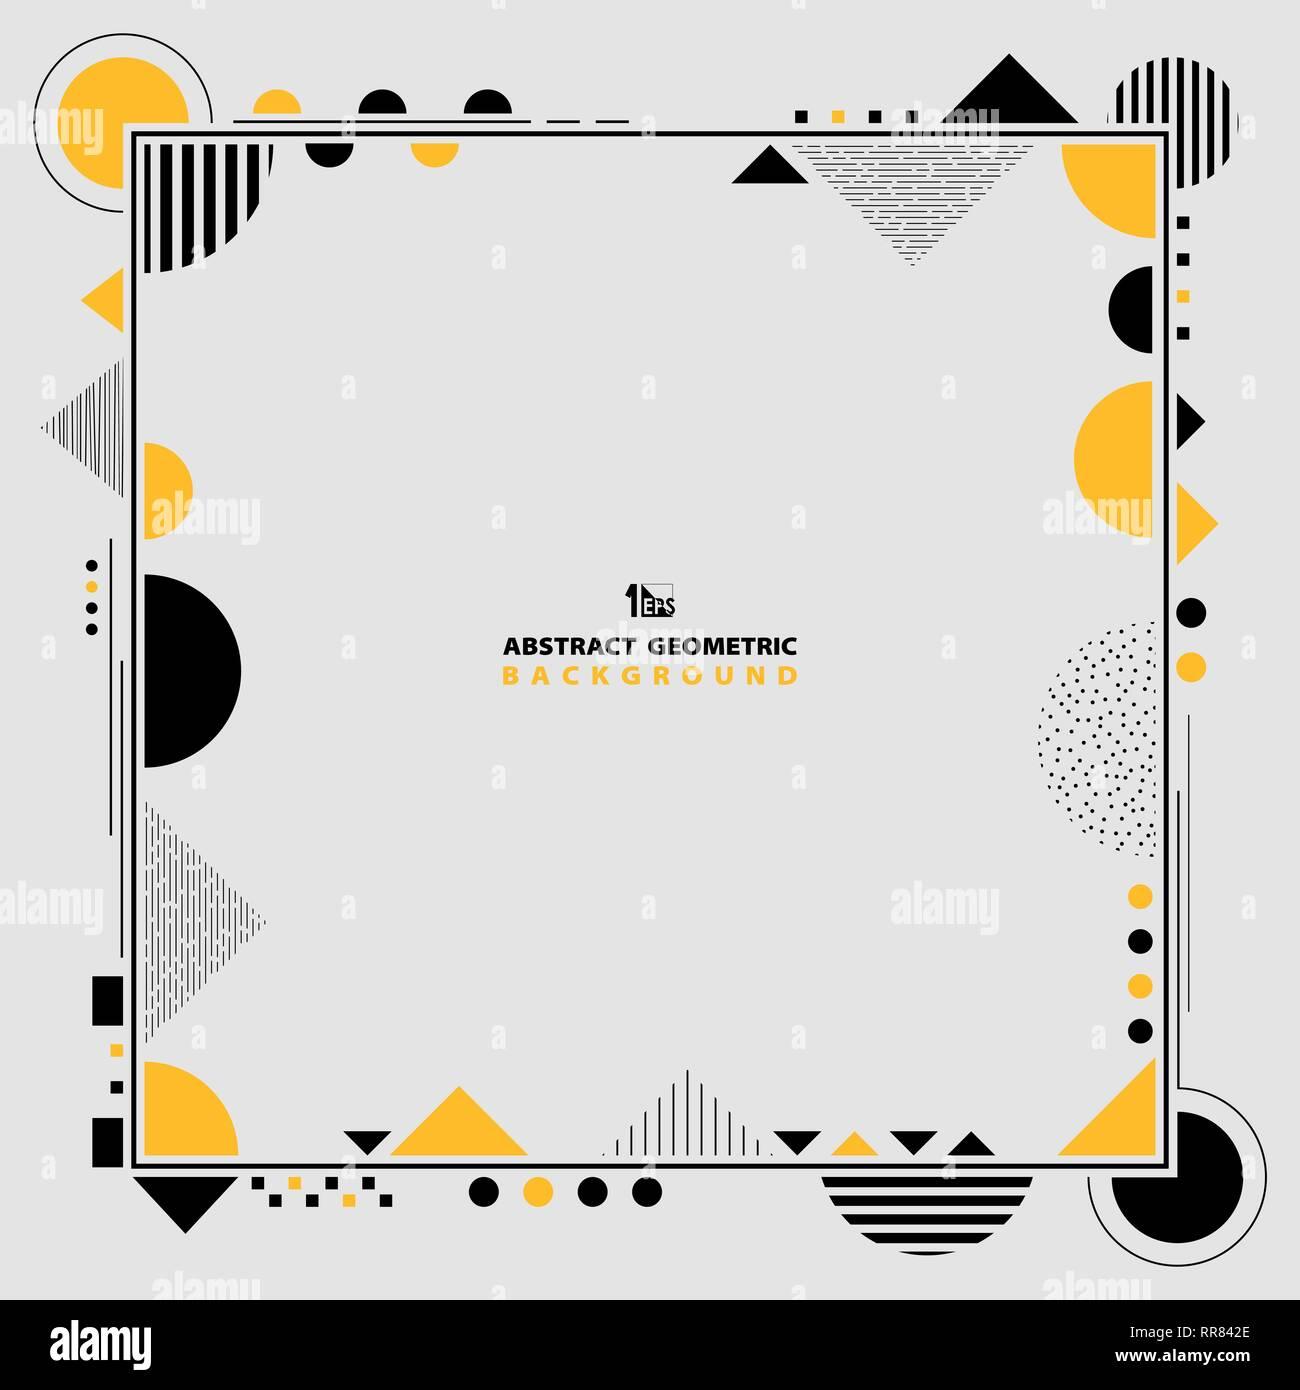 Abstrakte moderne Gelb und Schwarz geometrische Form rahmen Artwork. Sie können für die Idee dekoration design, Plakat, Anzeige, Abdeckung, Bericht verwenden. Vector EPS 10. Stockbild